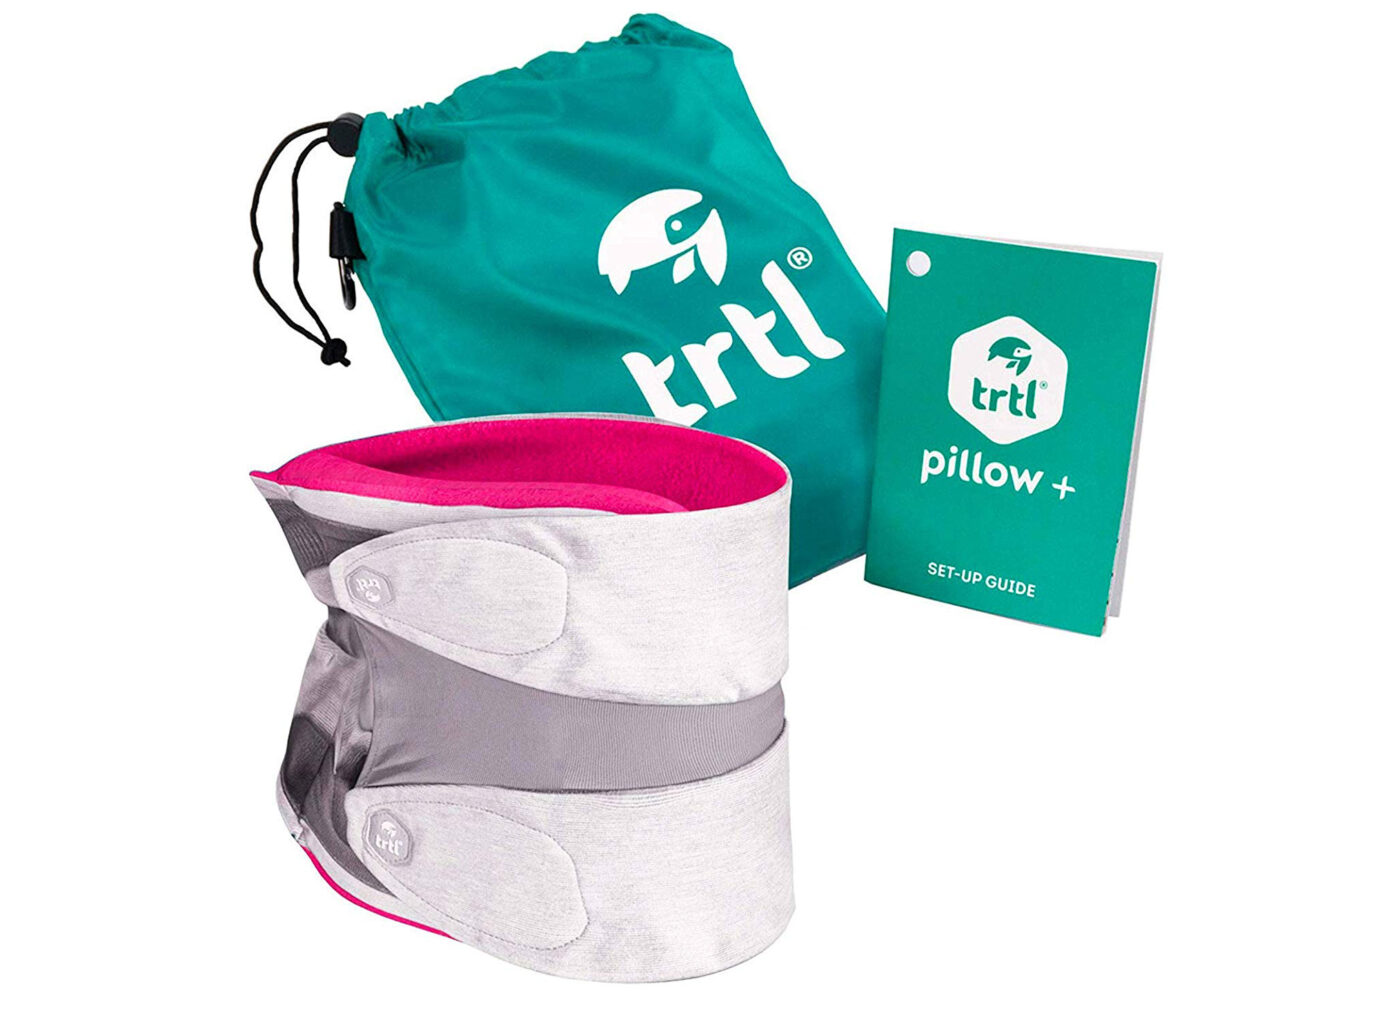 Trtl Pillow Plus